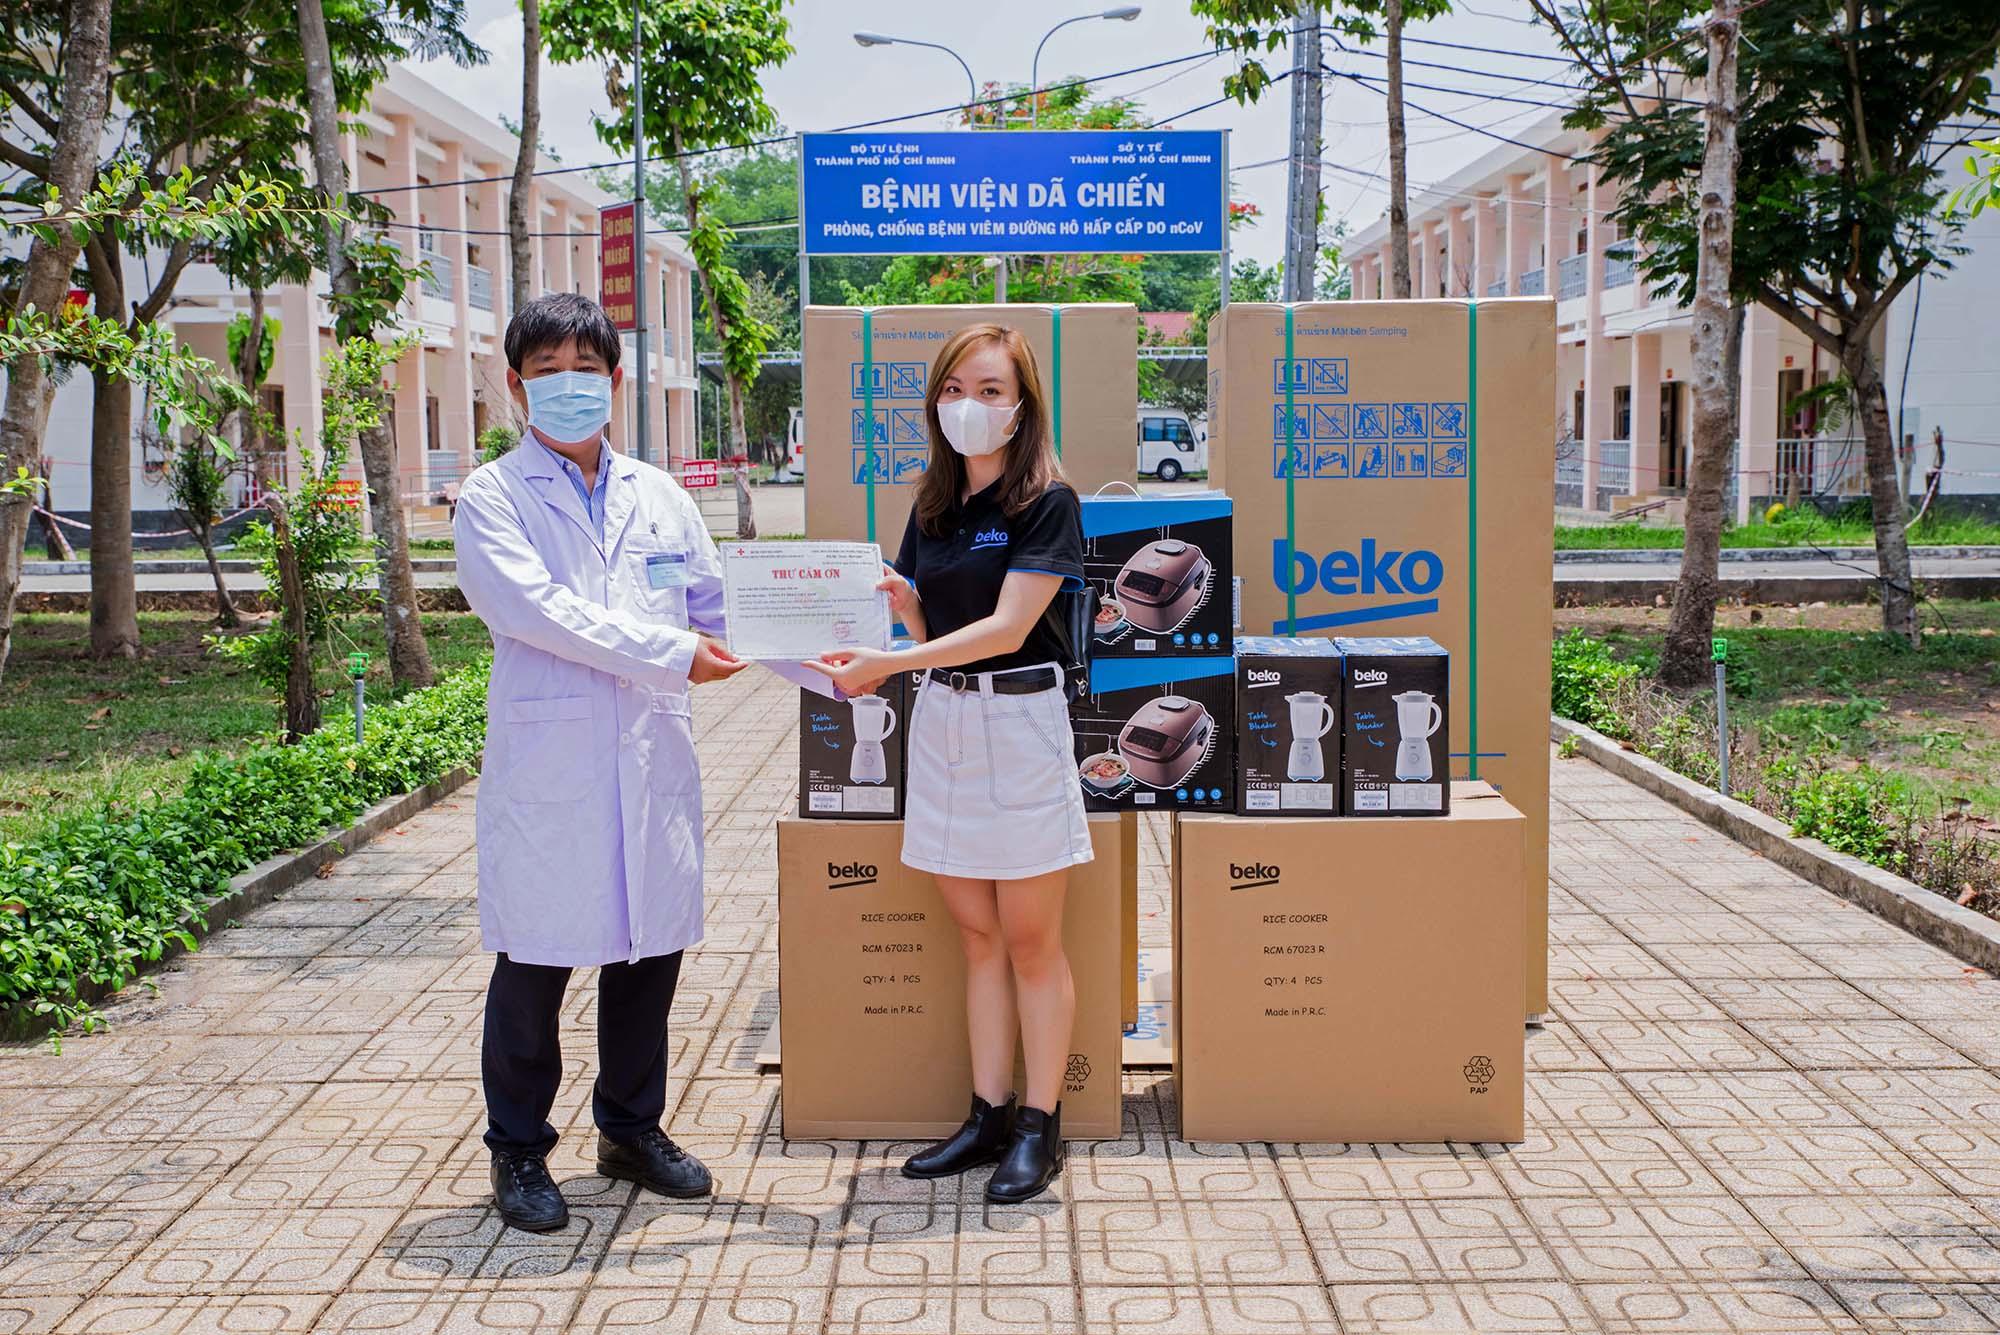 BEKO Việt Nam trao tặng thiết bị điện tử nhằm chung tay đẩy lùi dịch COVID-19